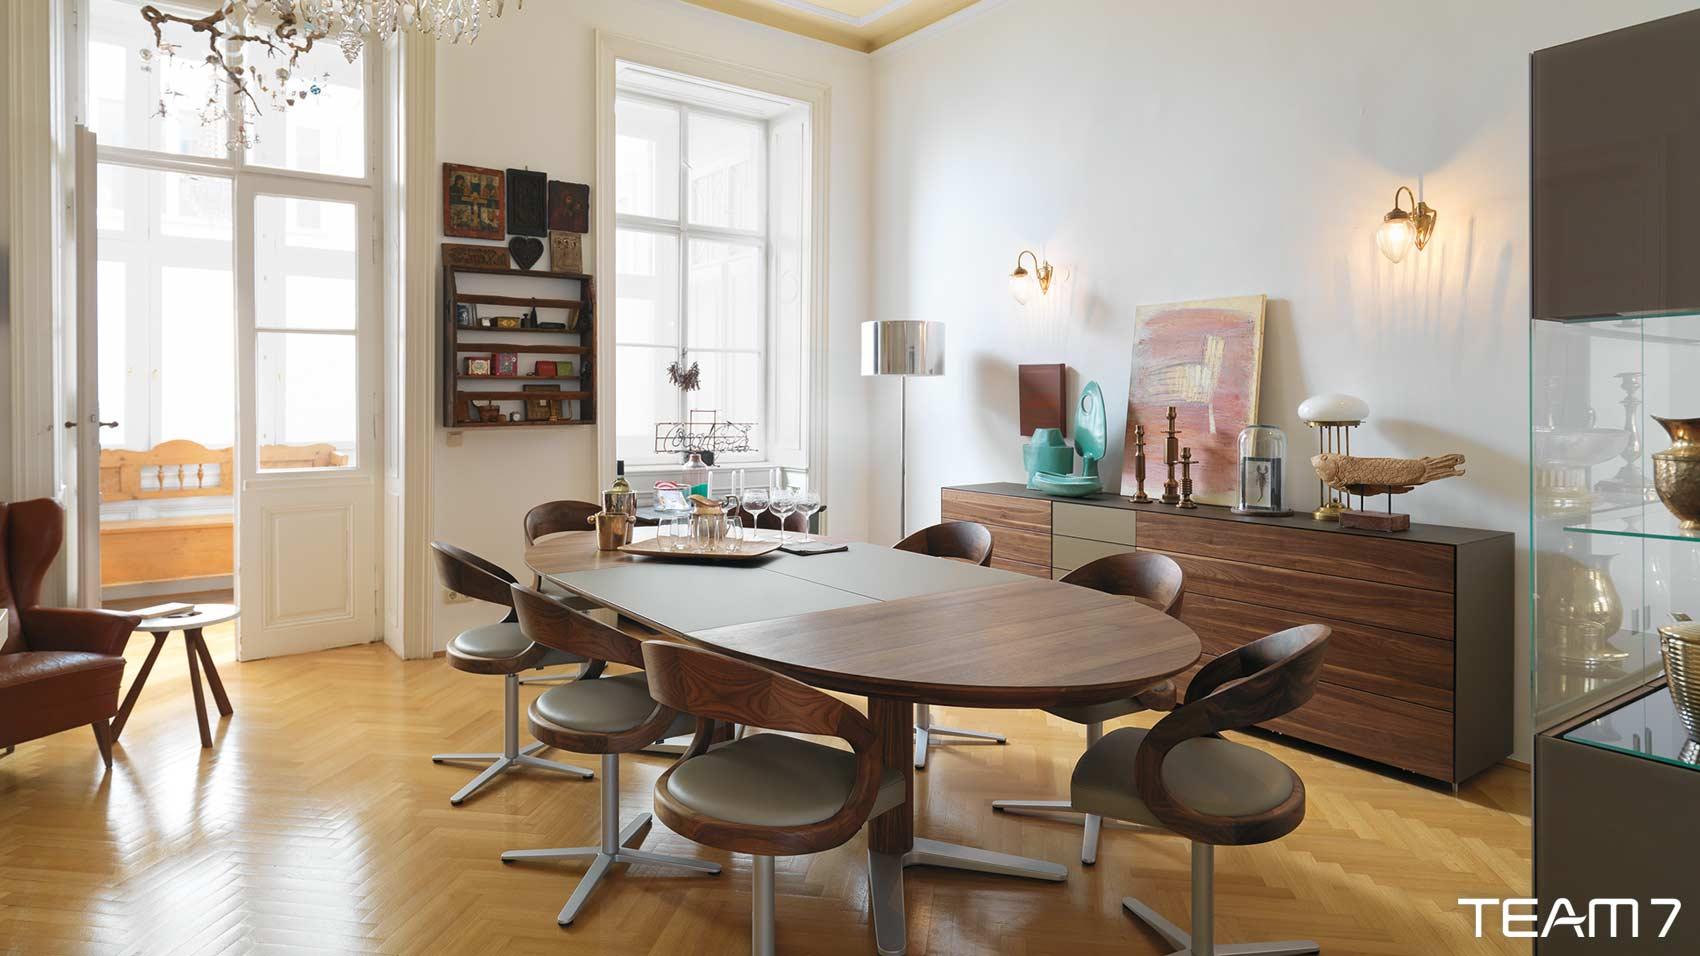 team 7 m bel in blankenhain m bel u k chen by land. Black Bedroom Furniture Sets. Home Design Ideas